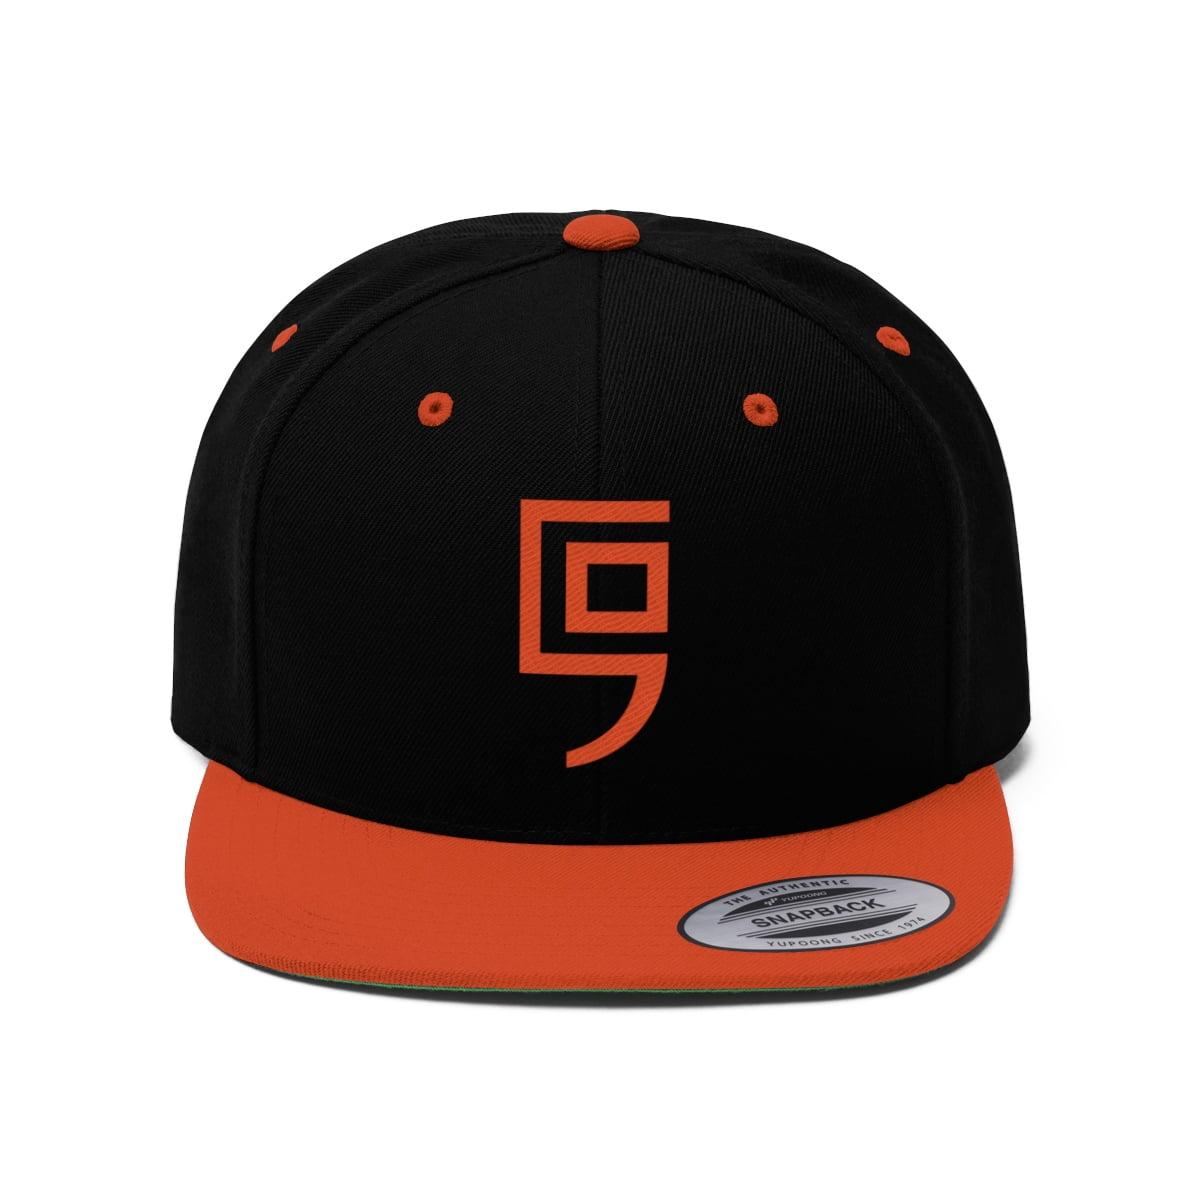 50 Foot Logo Flat Cap